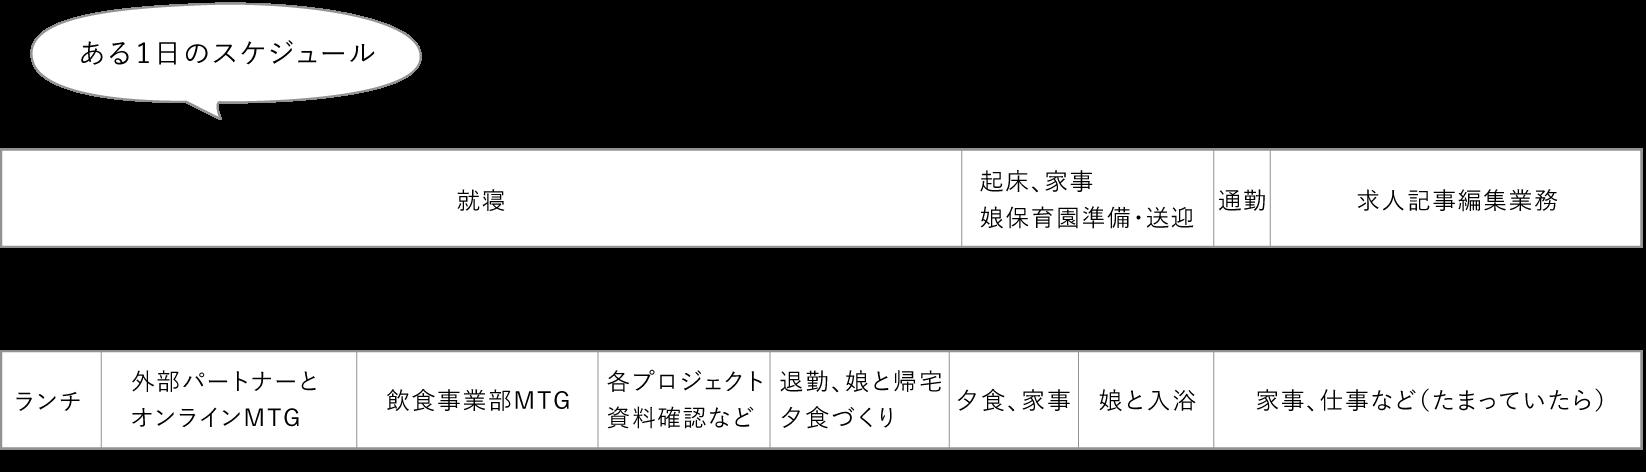 schedule02_tagawa